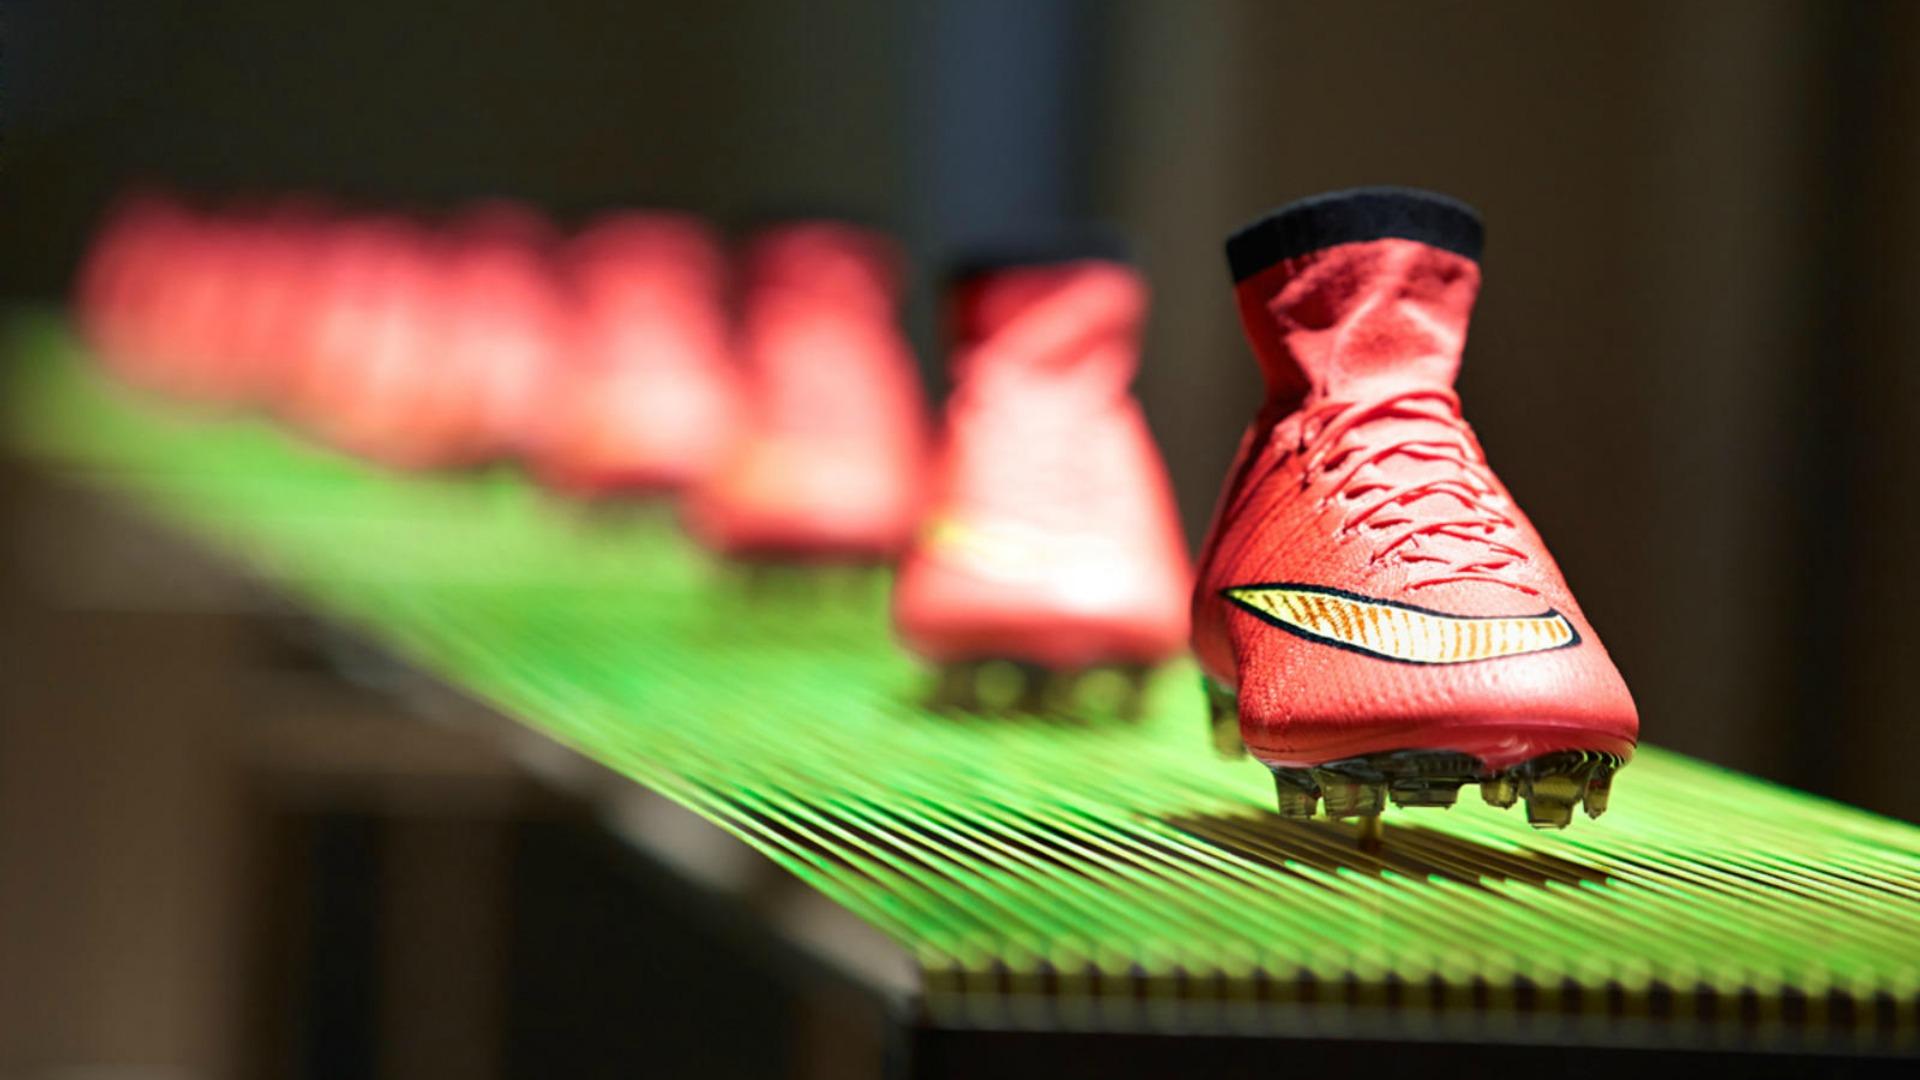 Nike đang là thượng hiệu giày đá bóng nổi tiếng nhất với những thiết kế và chất liệu dẫn đầu